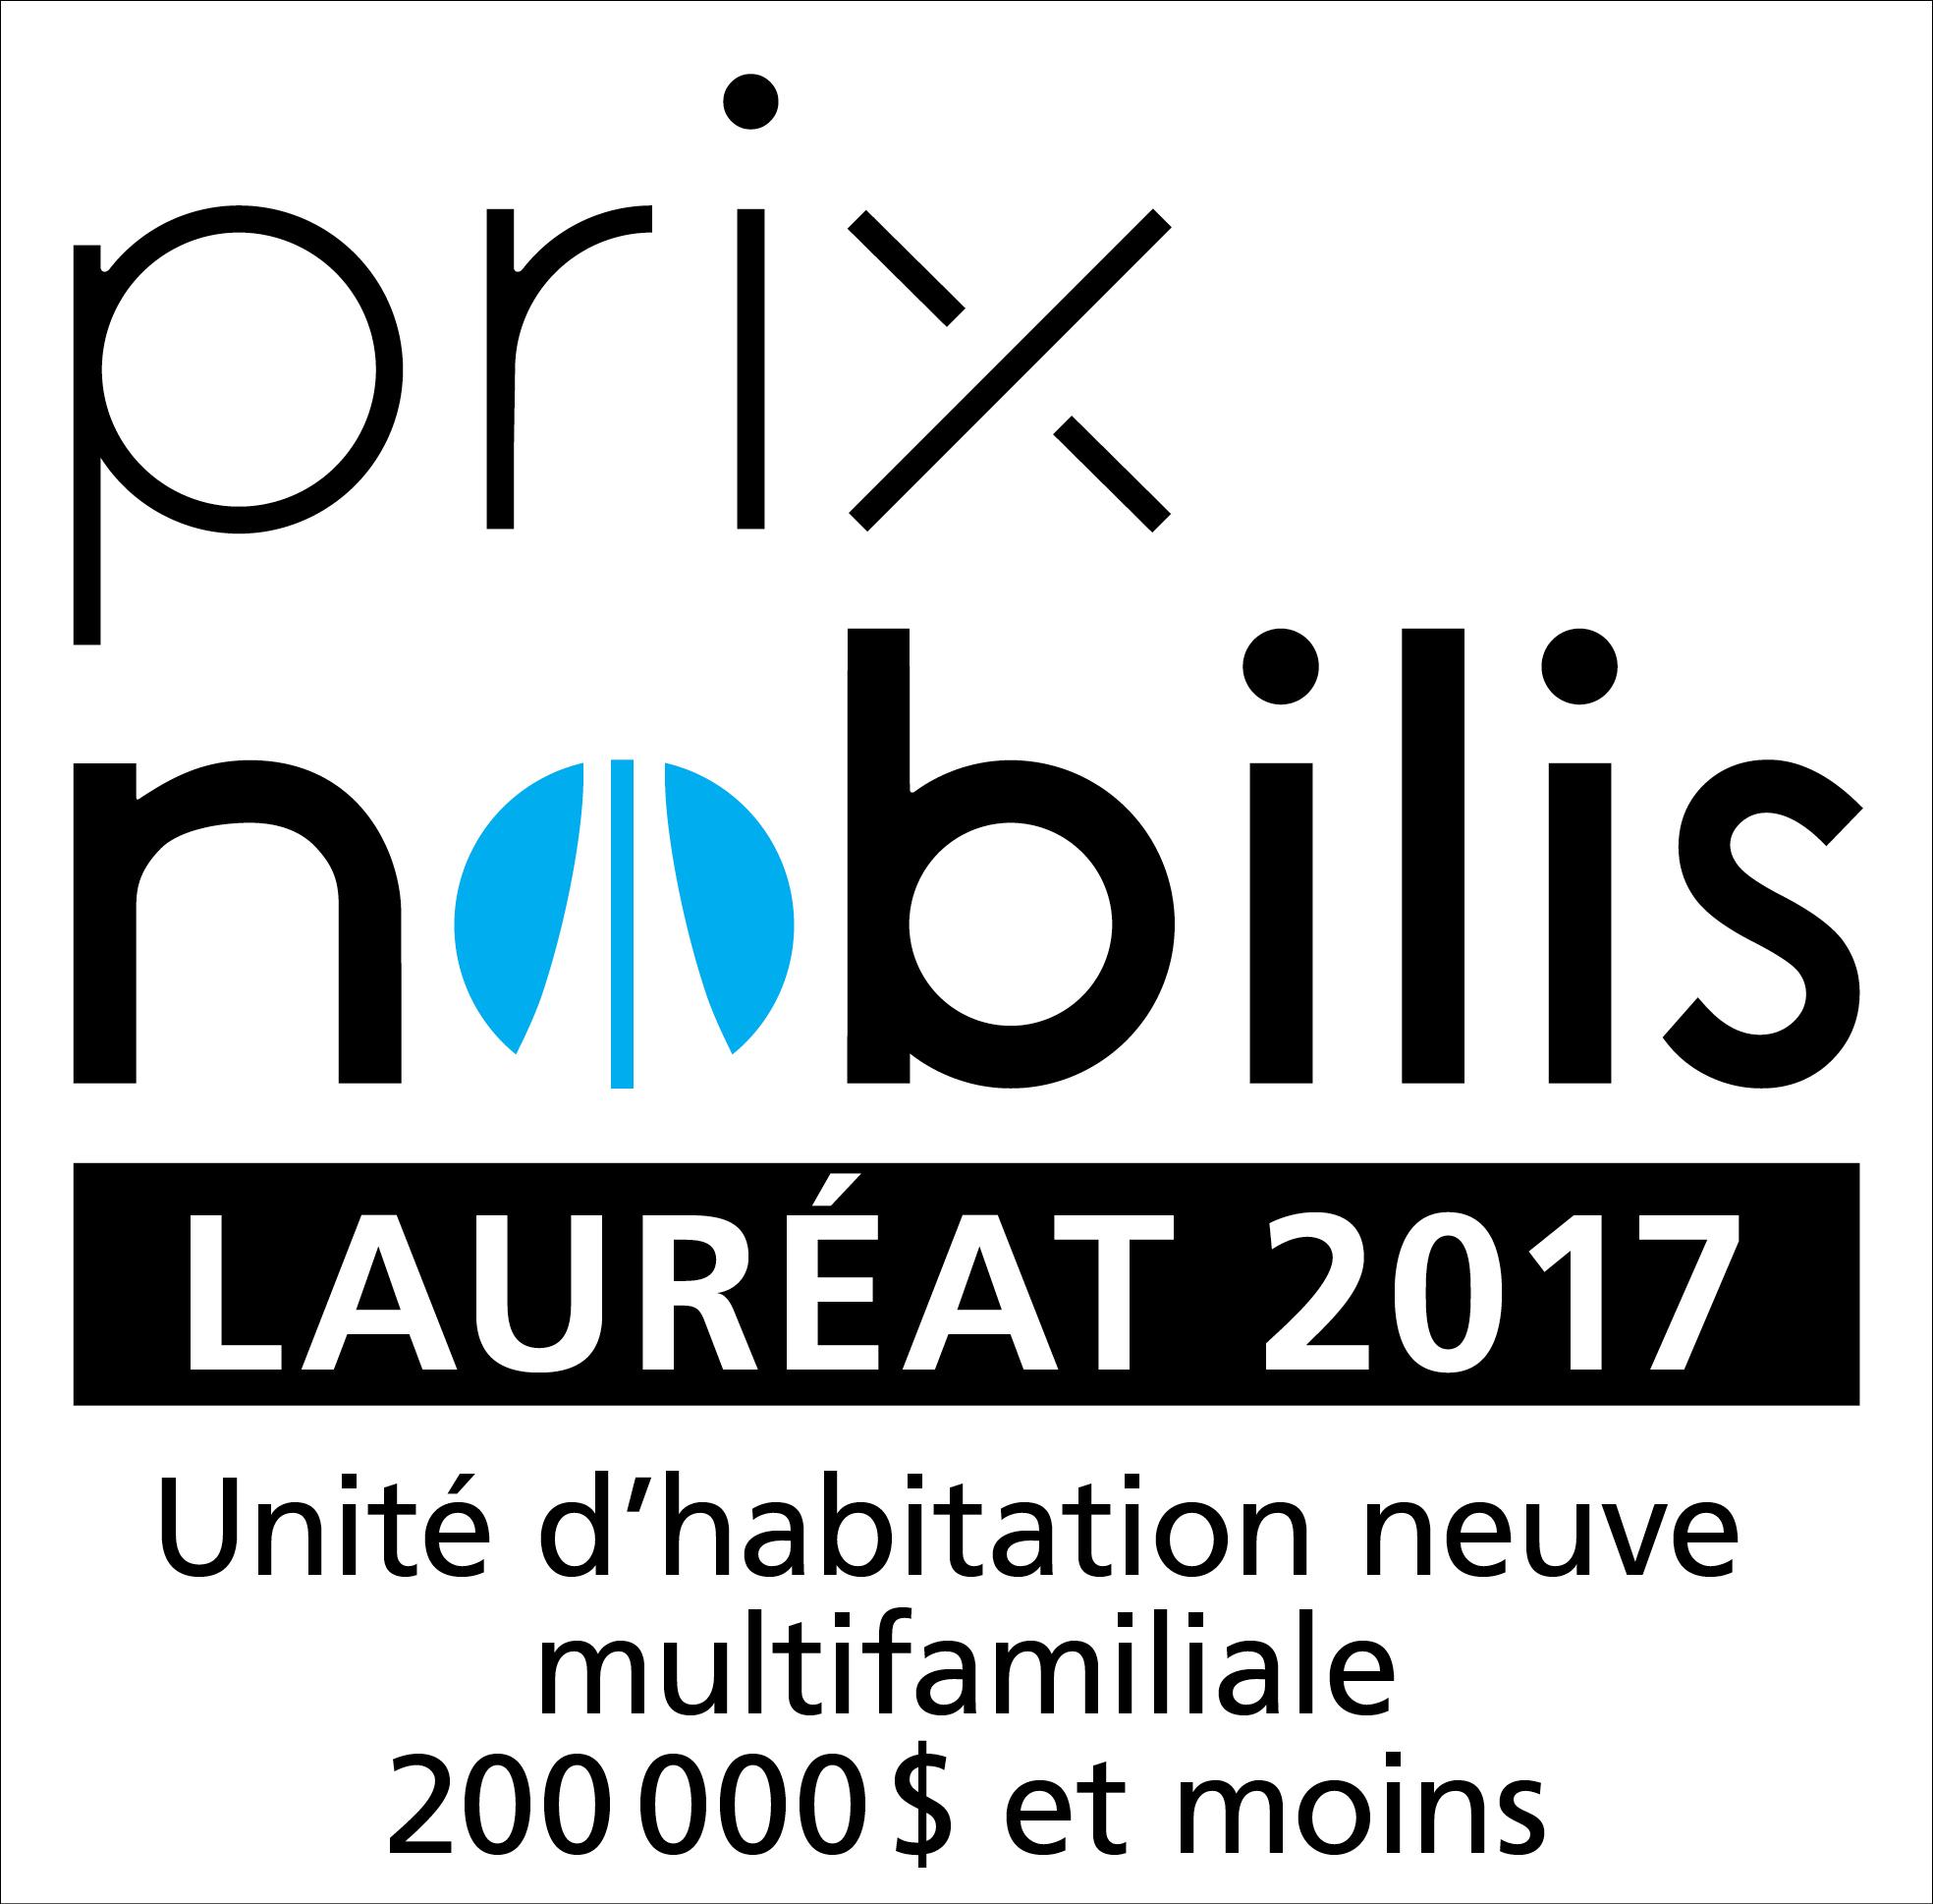 APCHQ_PrixNobilis2017_Laureat-15_Unite_d'habitation_neuve_multifamiliale_200_000__et_moins.jpg